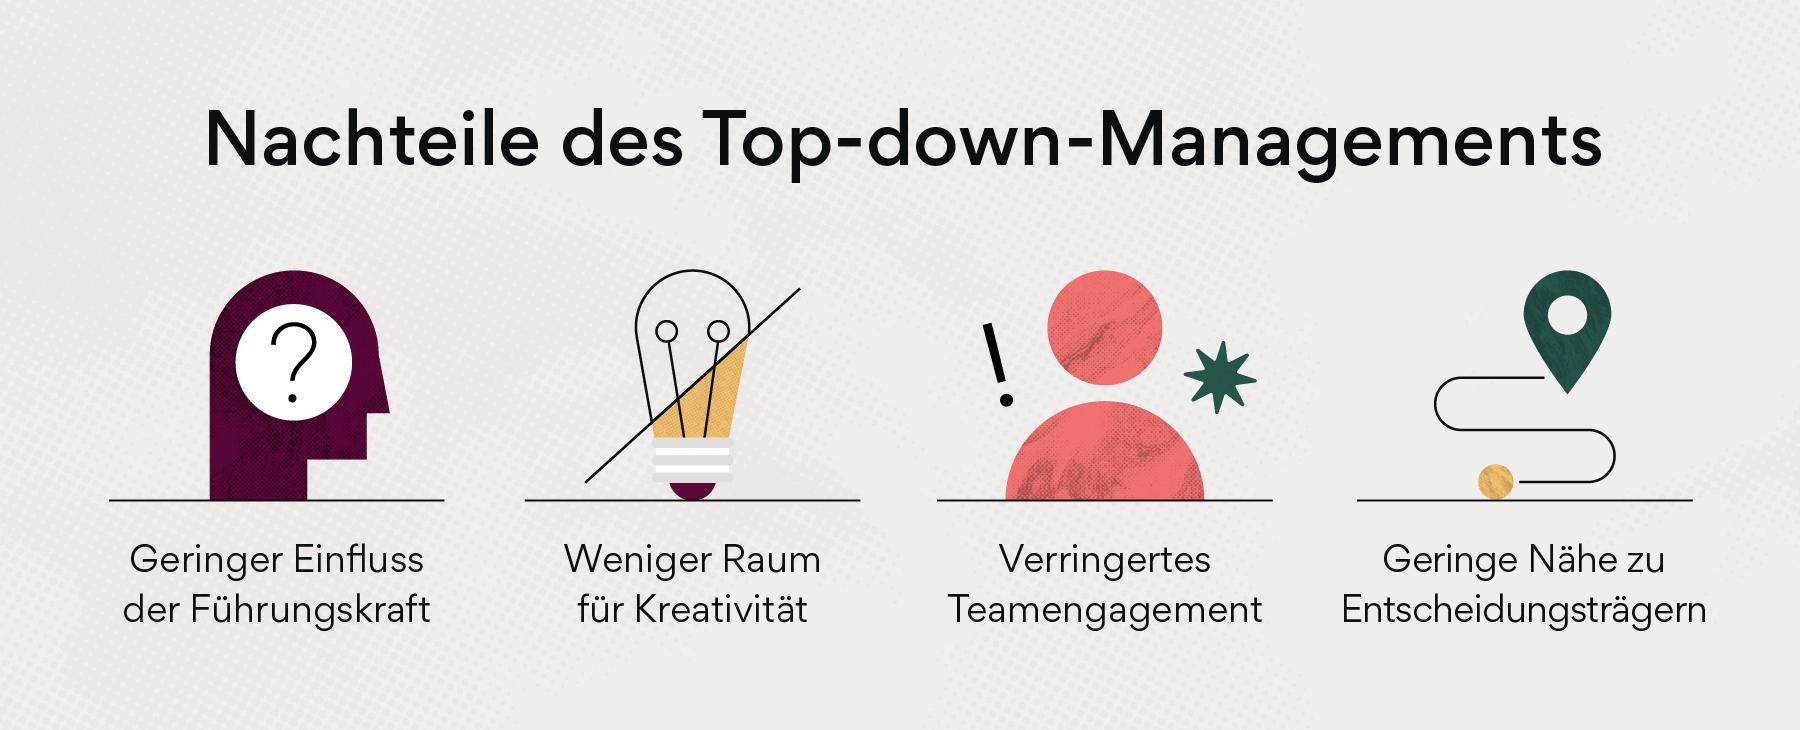 Nachteile des Top-down-Managements